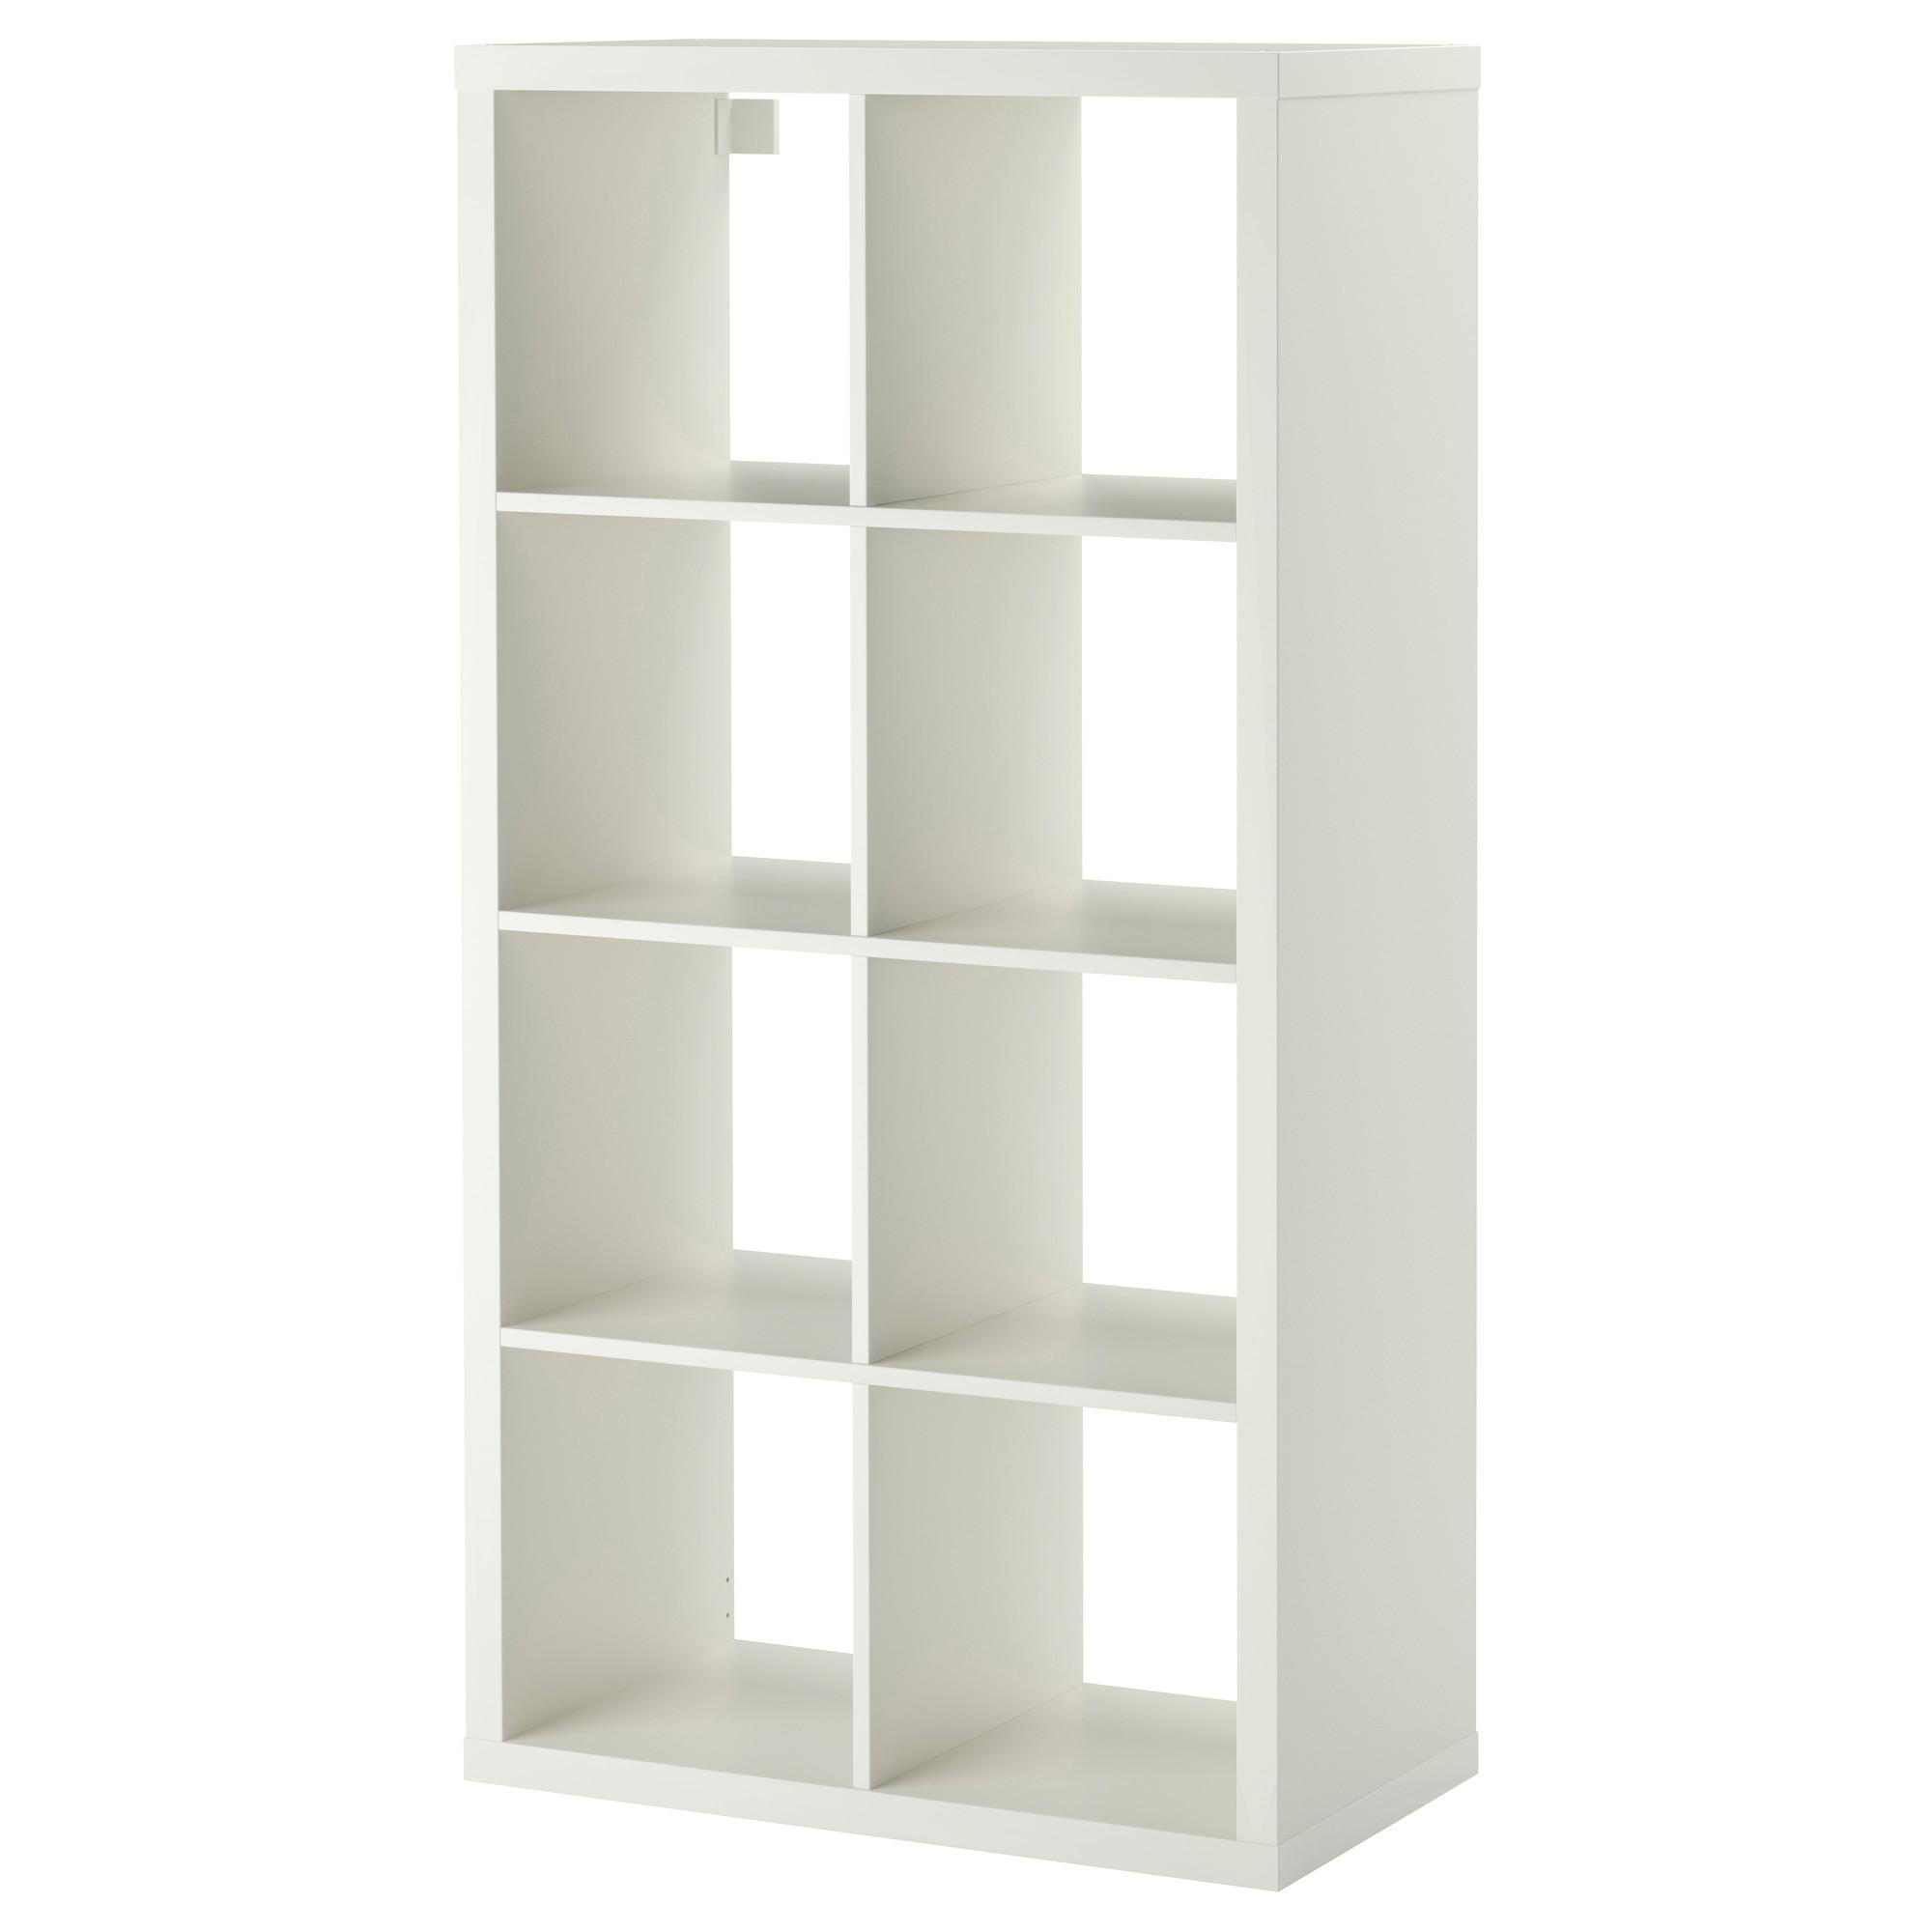 Venta Estanteria Ikea.Kallax Estanteria Blanco Mate